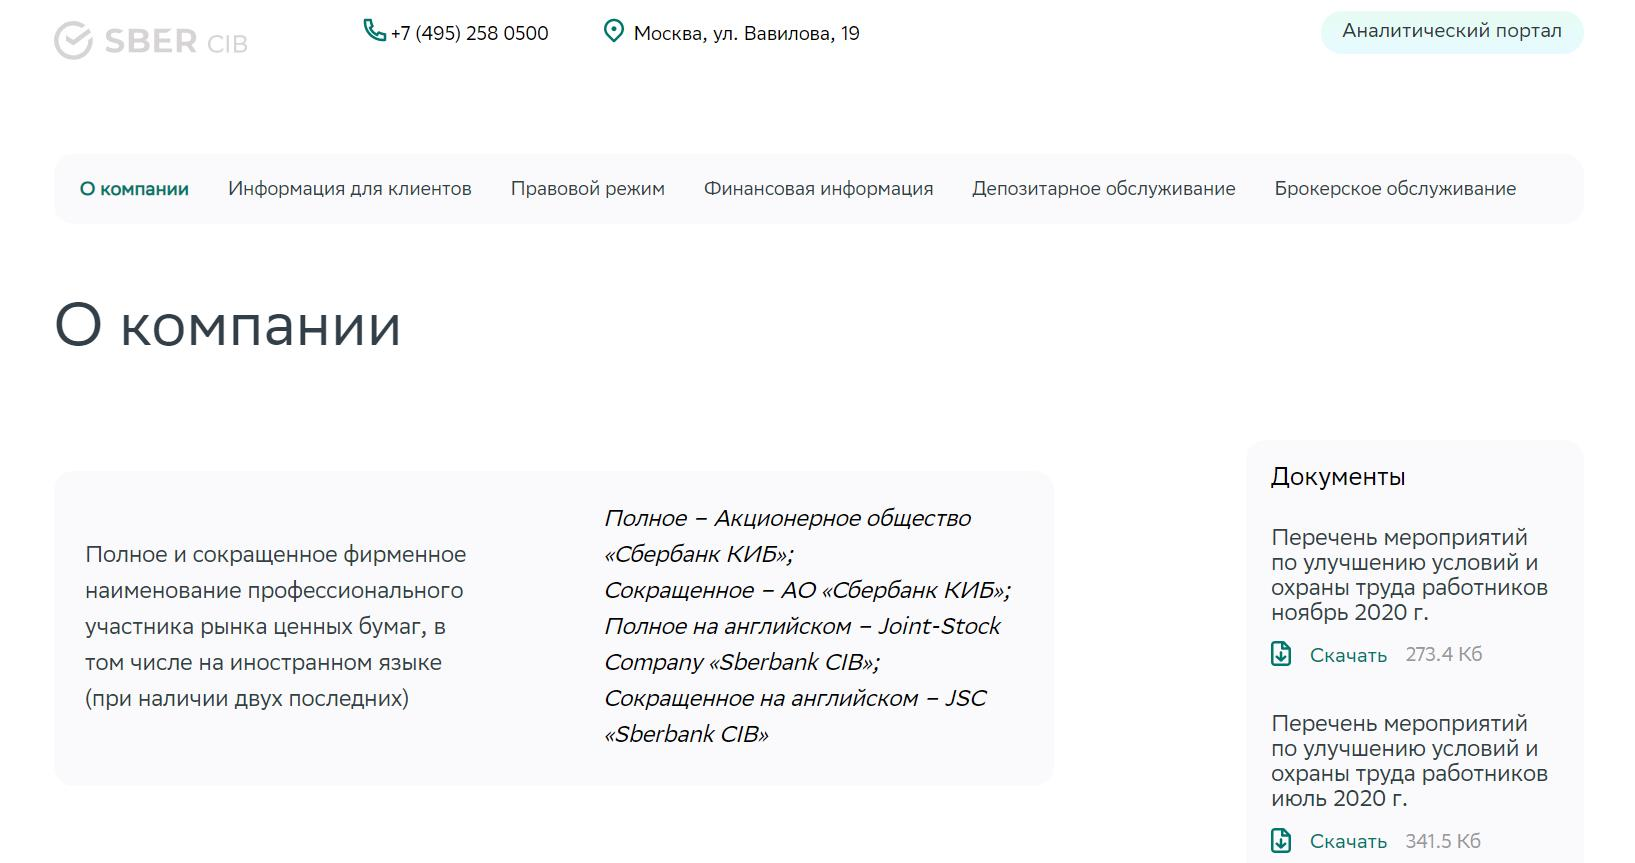 информация о компании сбербанк киб